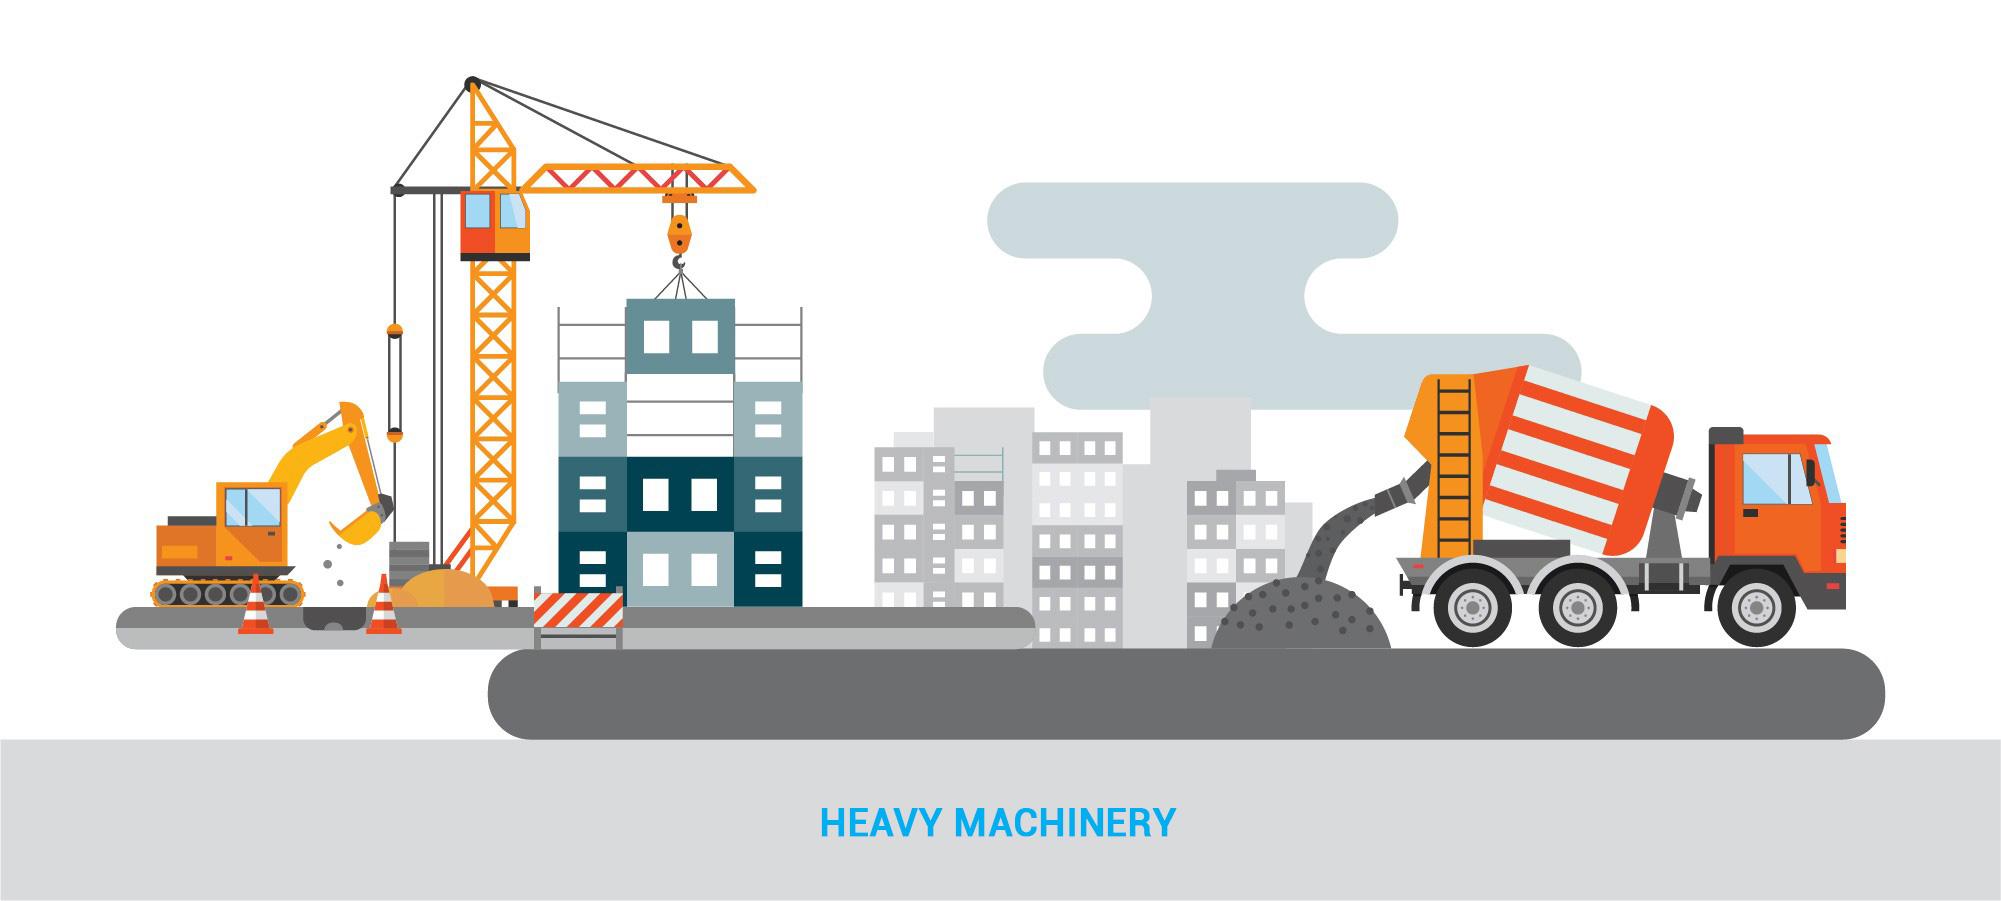 Heavy-Machinery-2